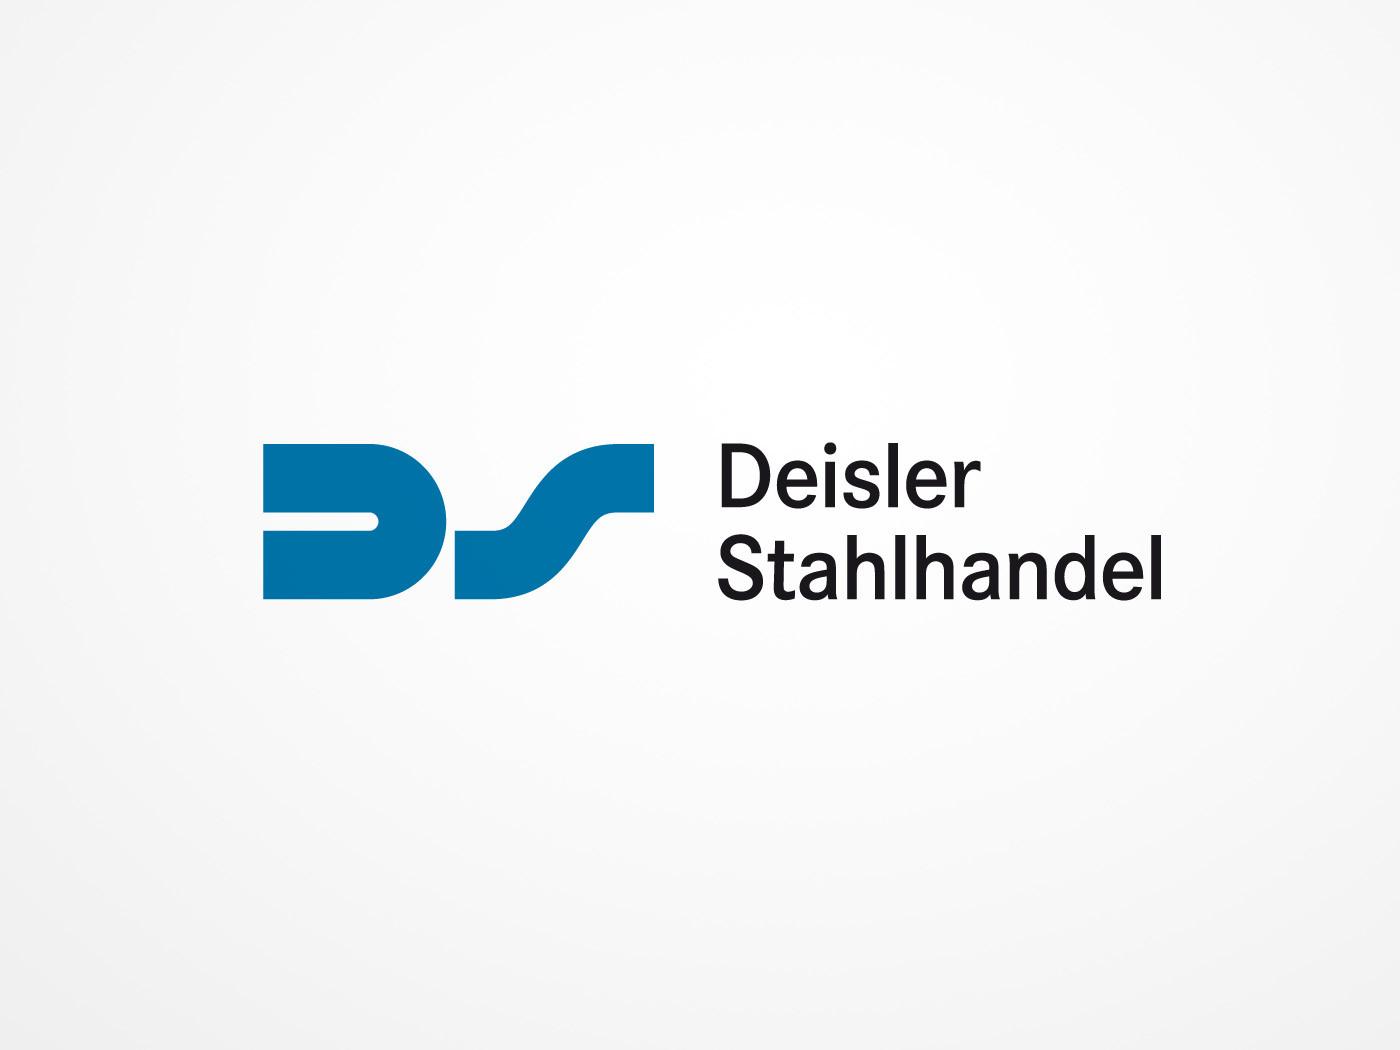 logoentwicklung_markengestaltung_02.jpg